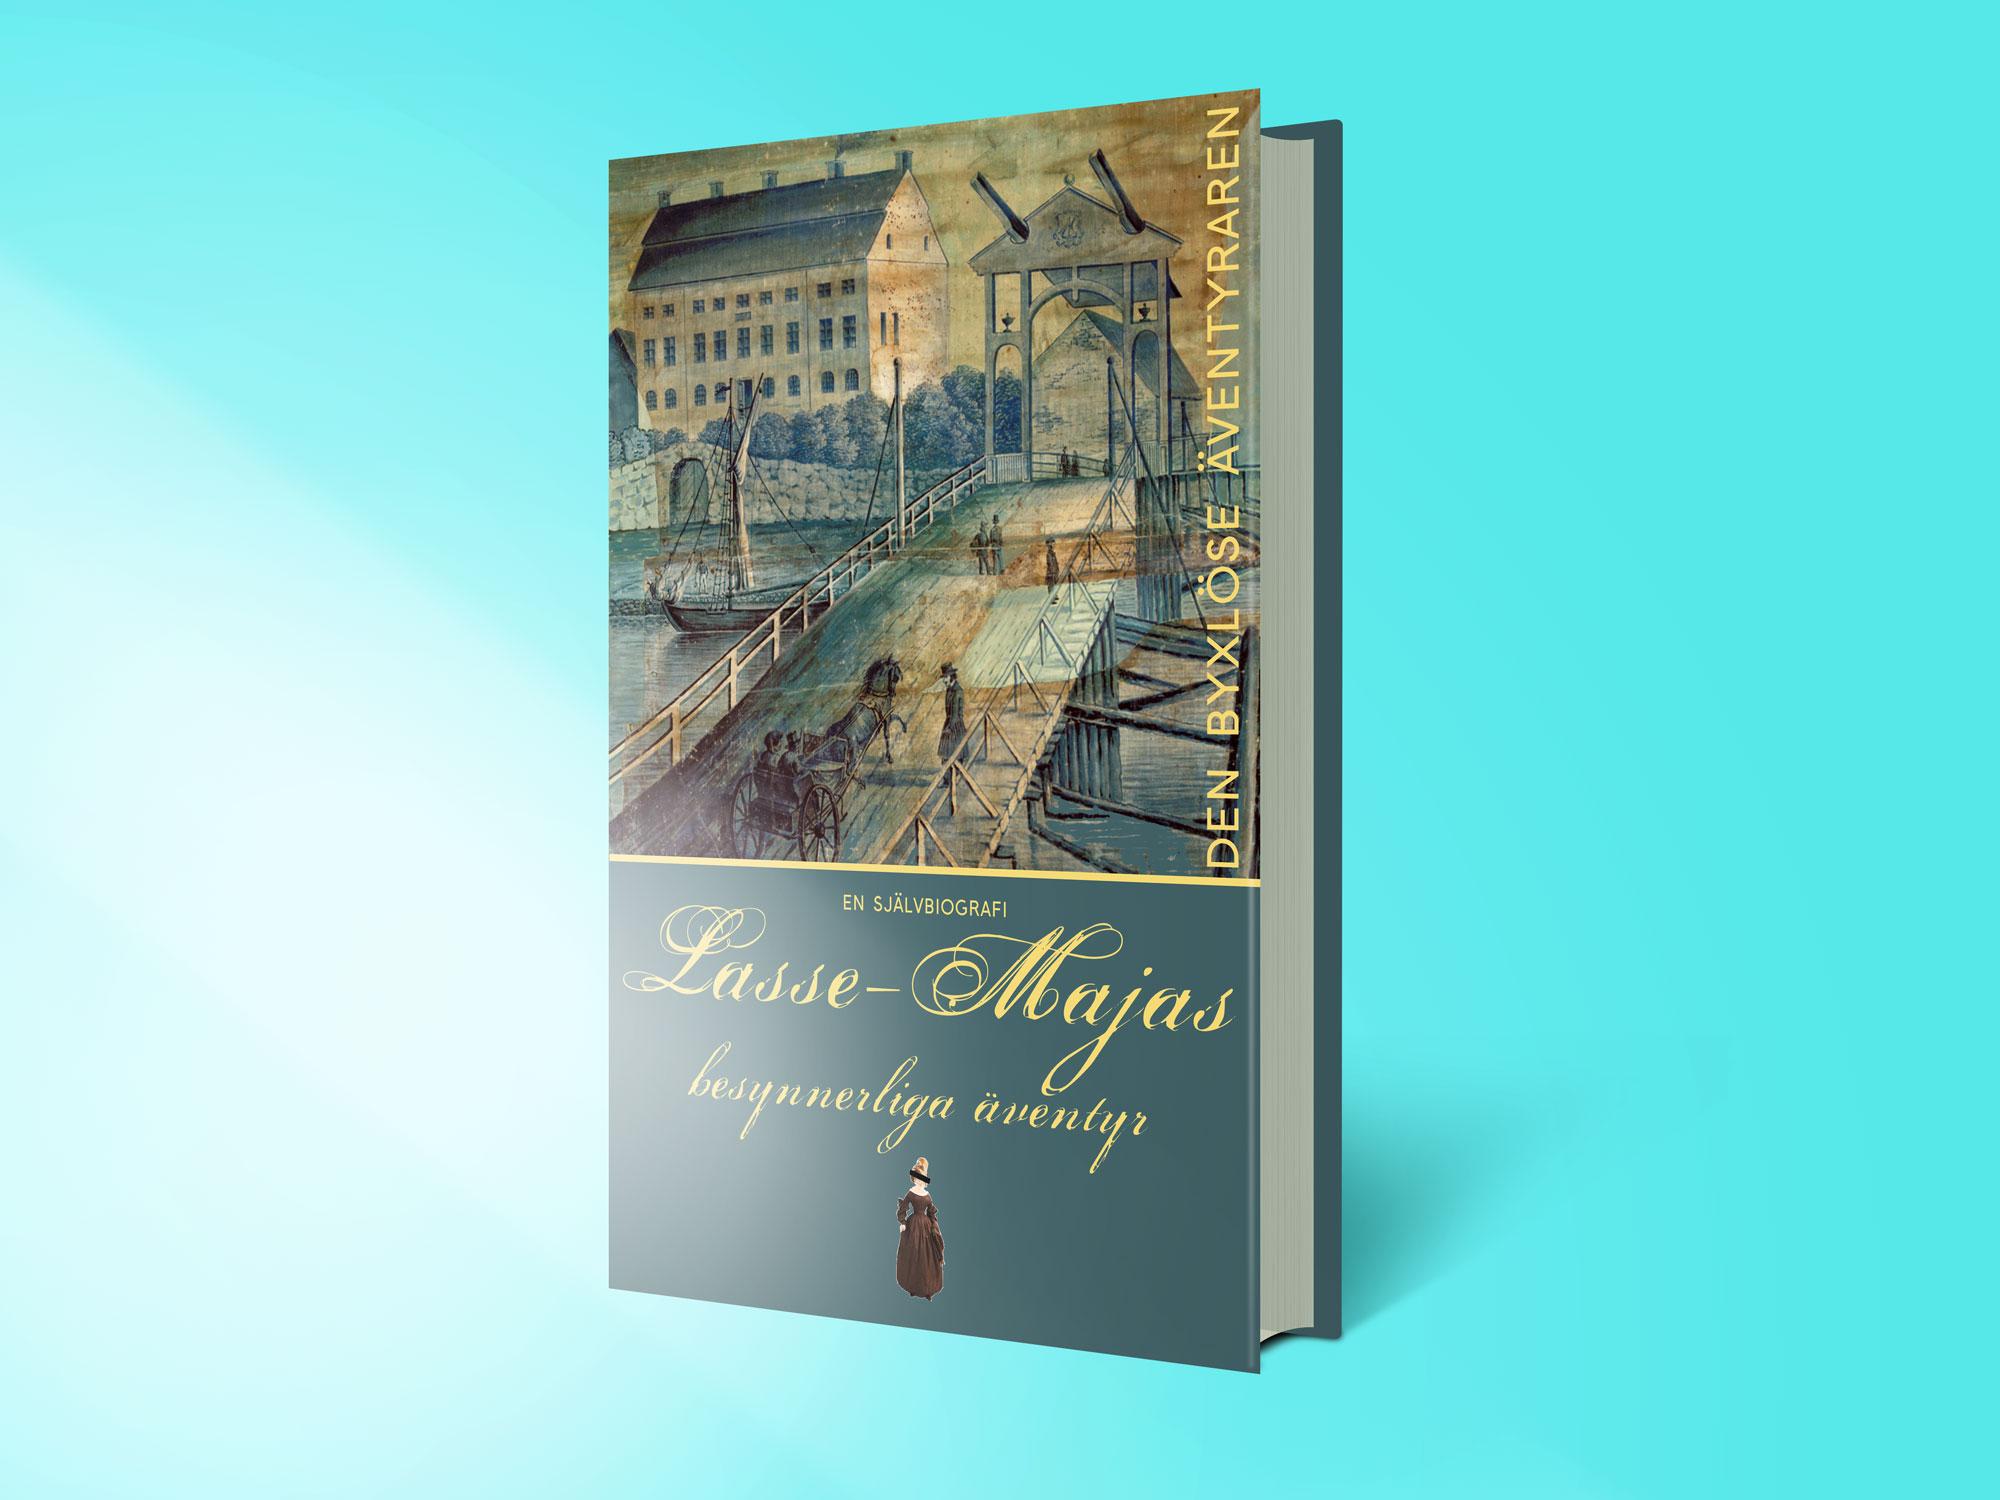 lm-books-mockup-blue